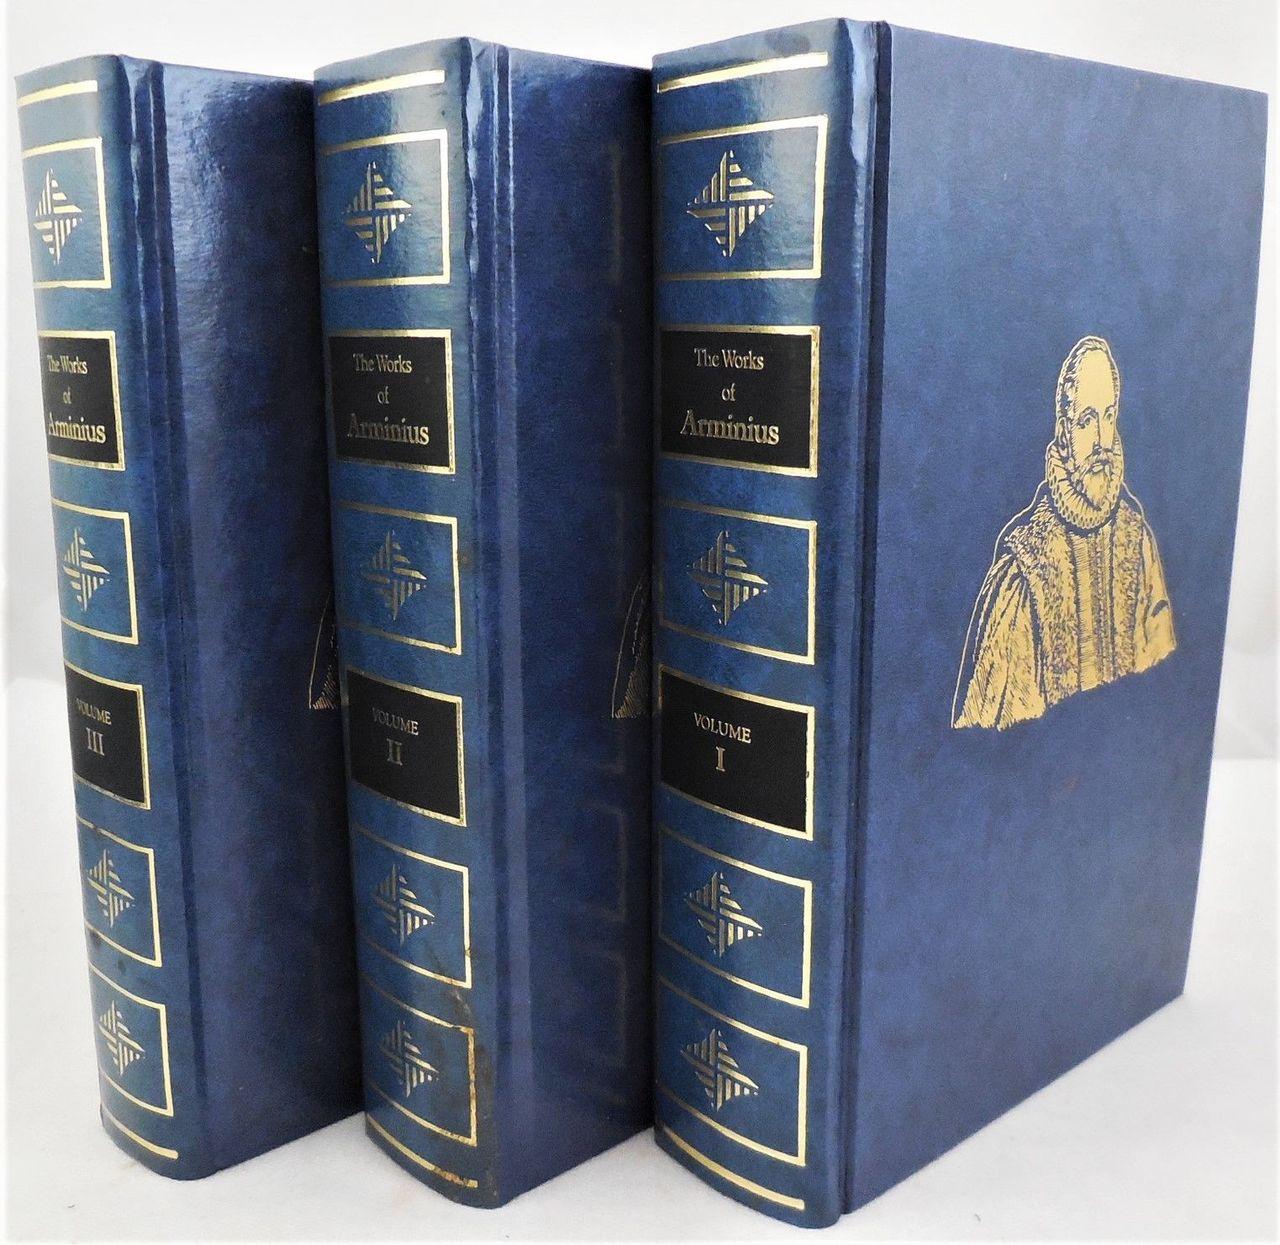 THE WORKS OF JAMES ARMINIUS - 1986 [3 Vols]